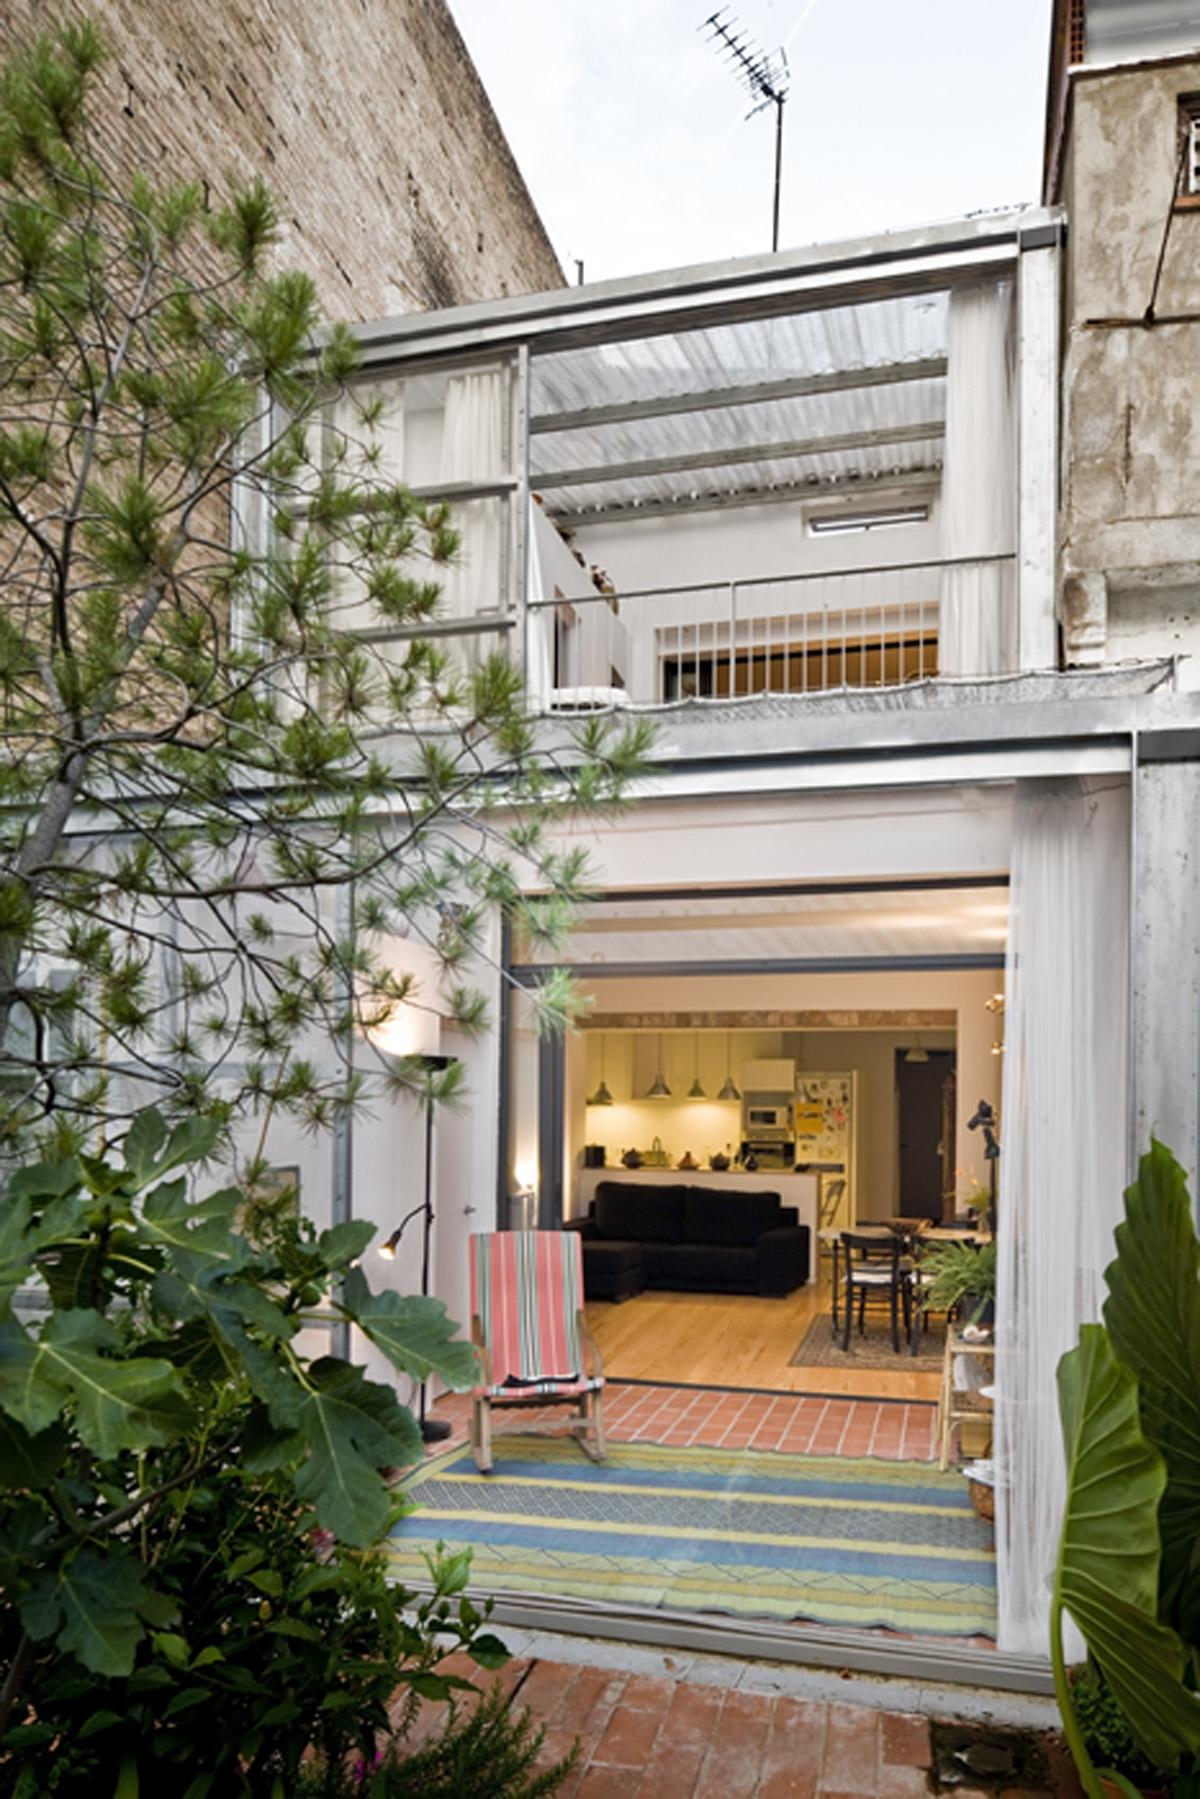 Jordi Adell Reforma Casa Patio en Sants Barcelona